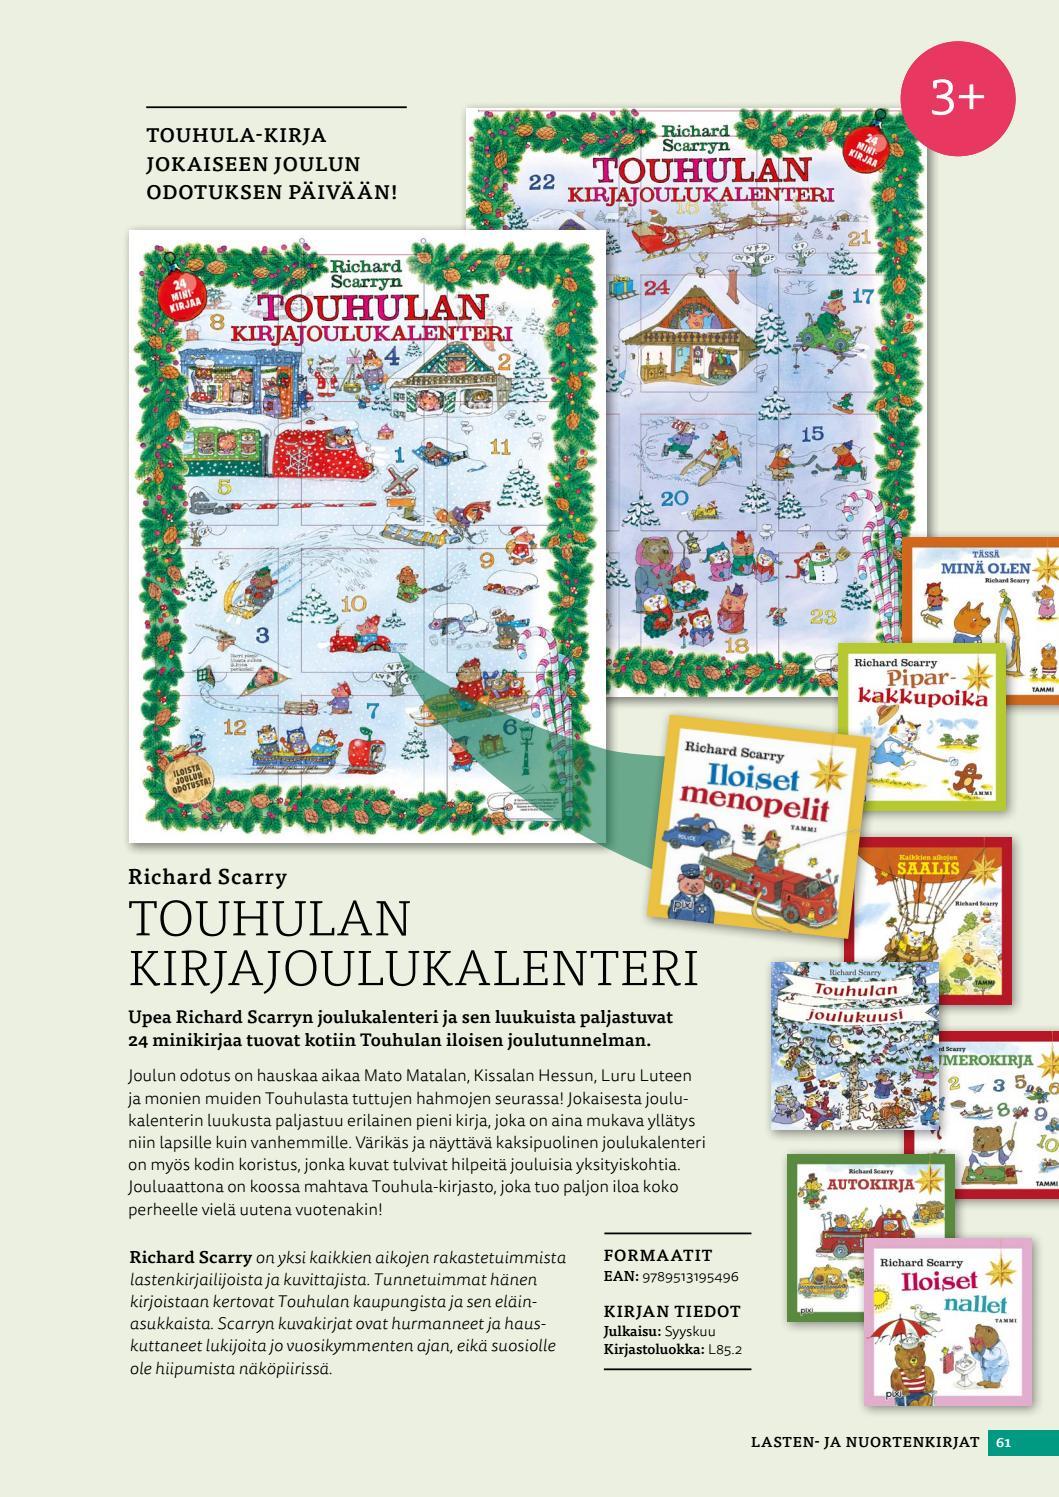 joulukalenteri 2018 kirja Tammi syksy 2017 by #kirja   issuu joulukalenteri 2018 kirja